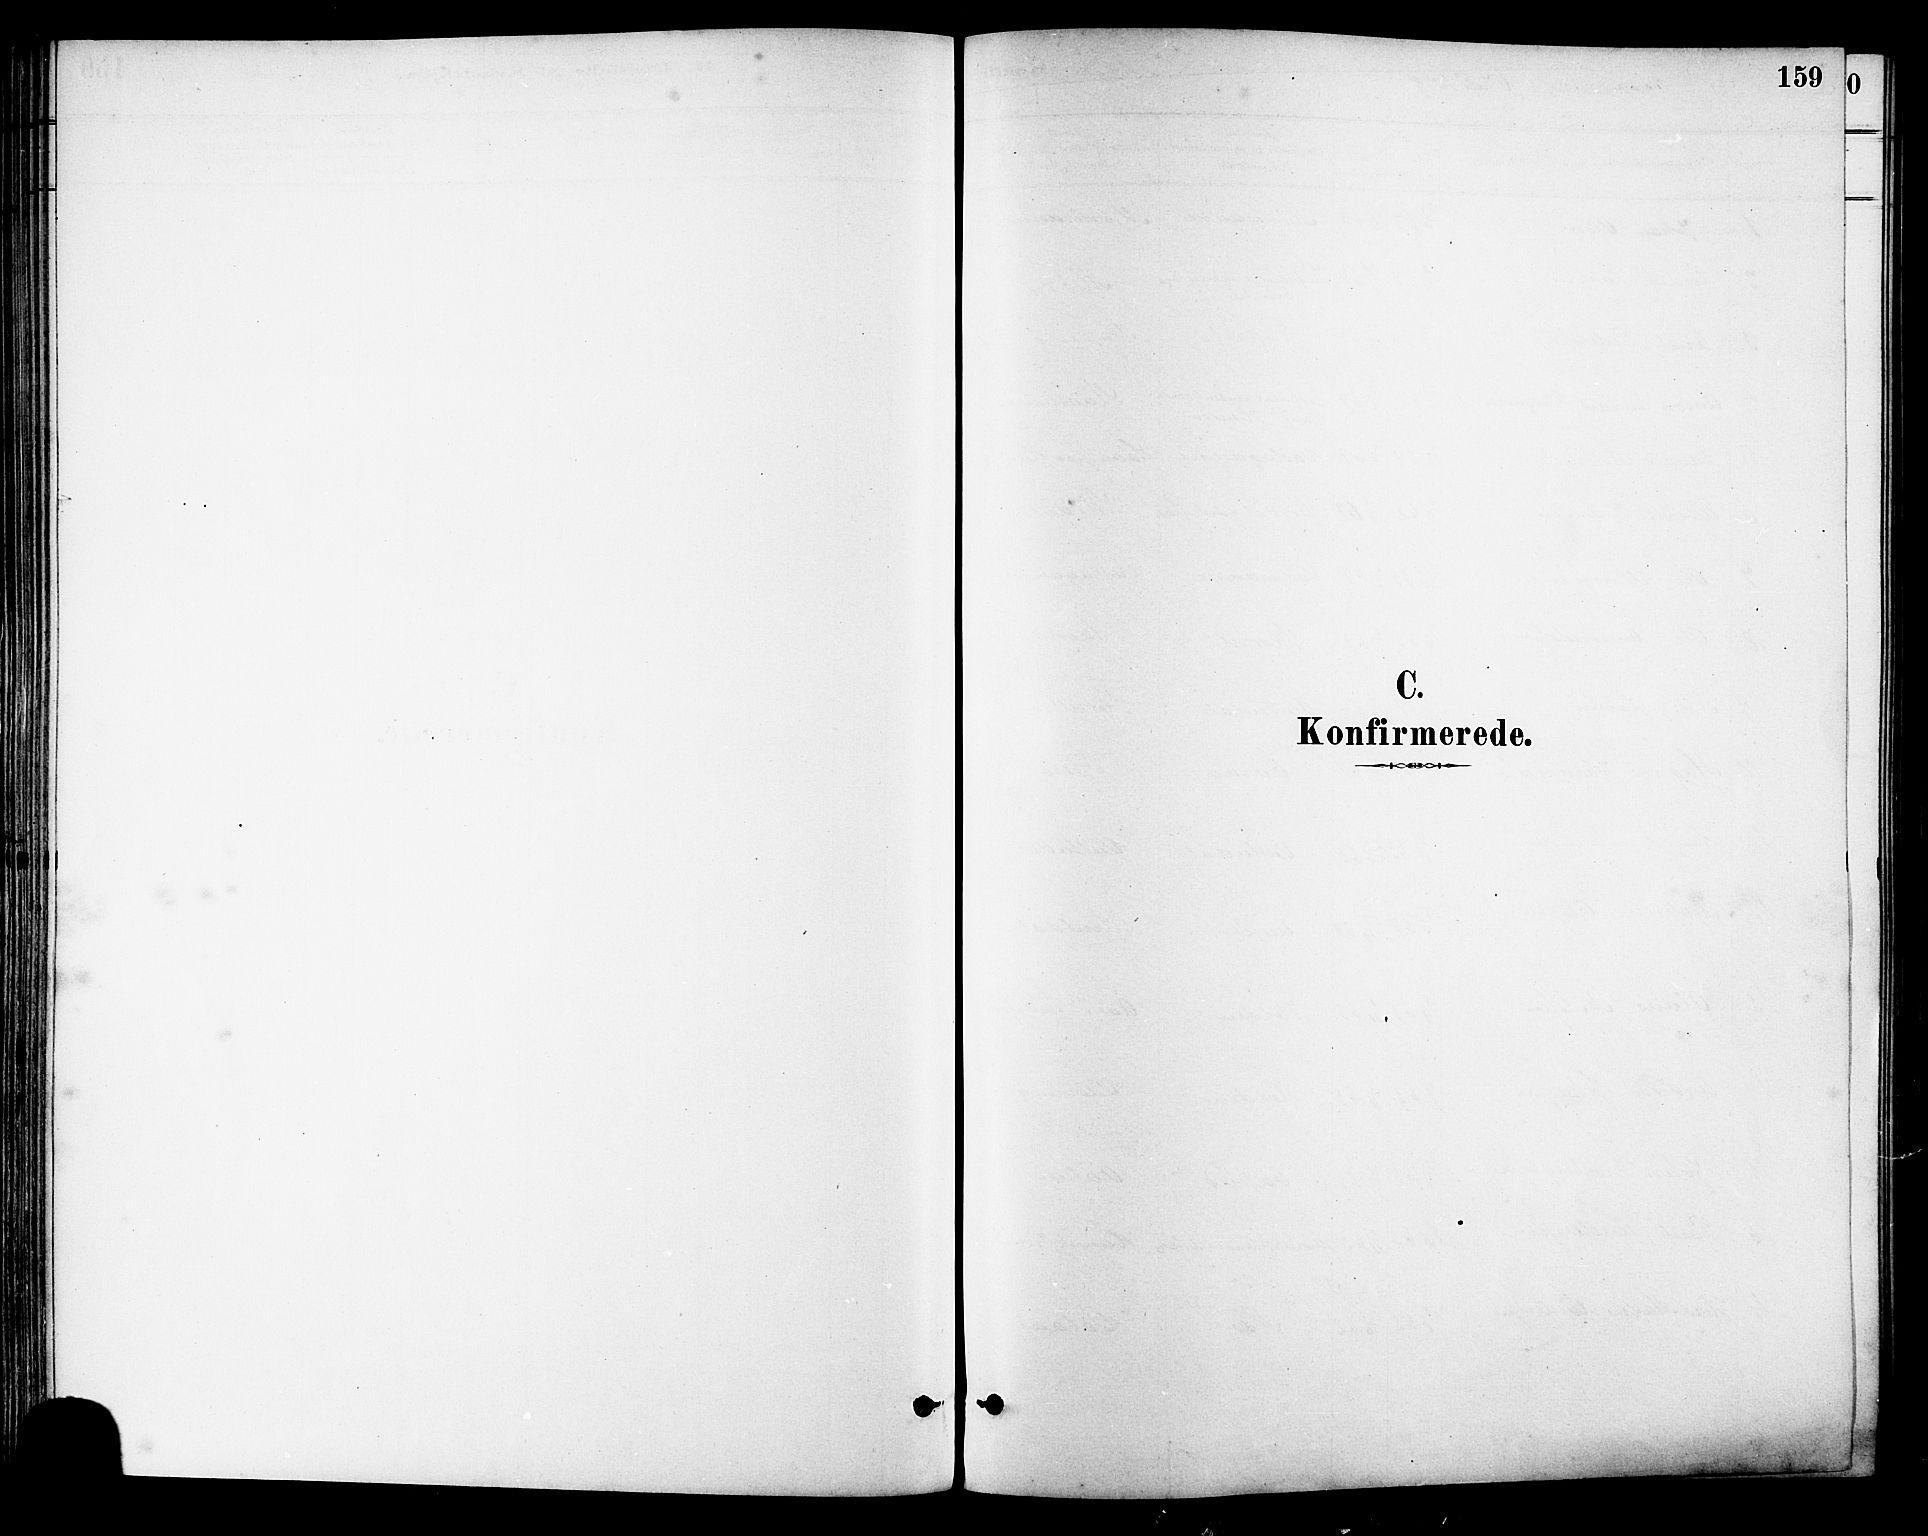 SAT, Ministerialprotokoller, klokkerbøker og fødselsregistre - Sør-Trøndelag, 630/L0496: Ministerialbok nr. 630A09, 1879-1895, s. 159